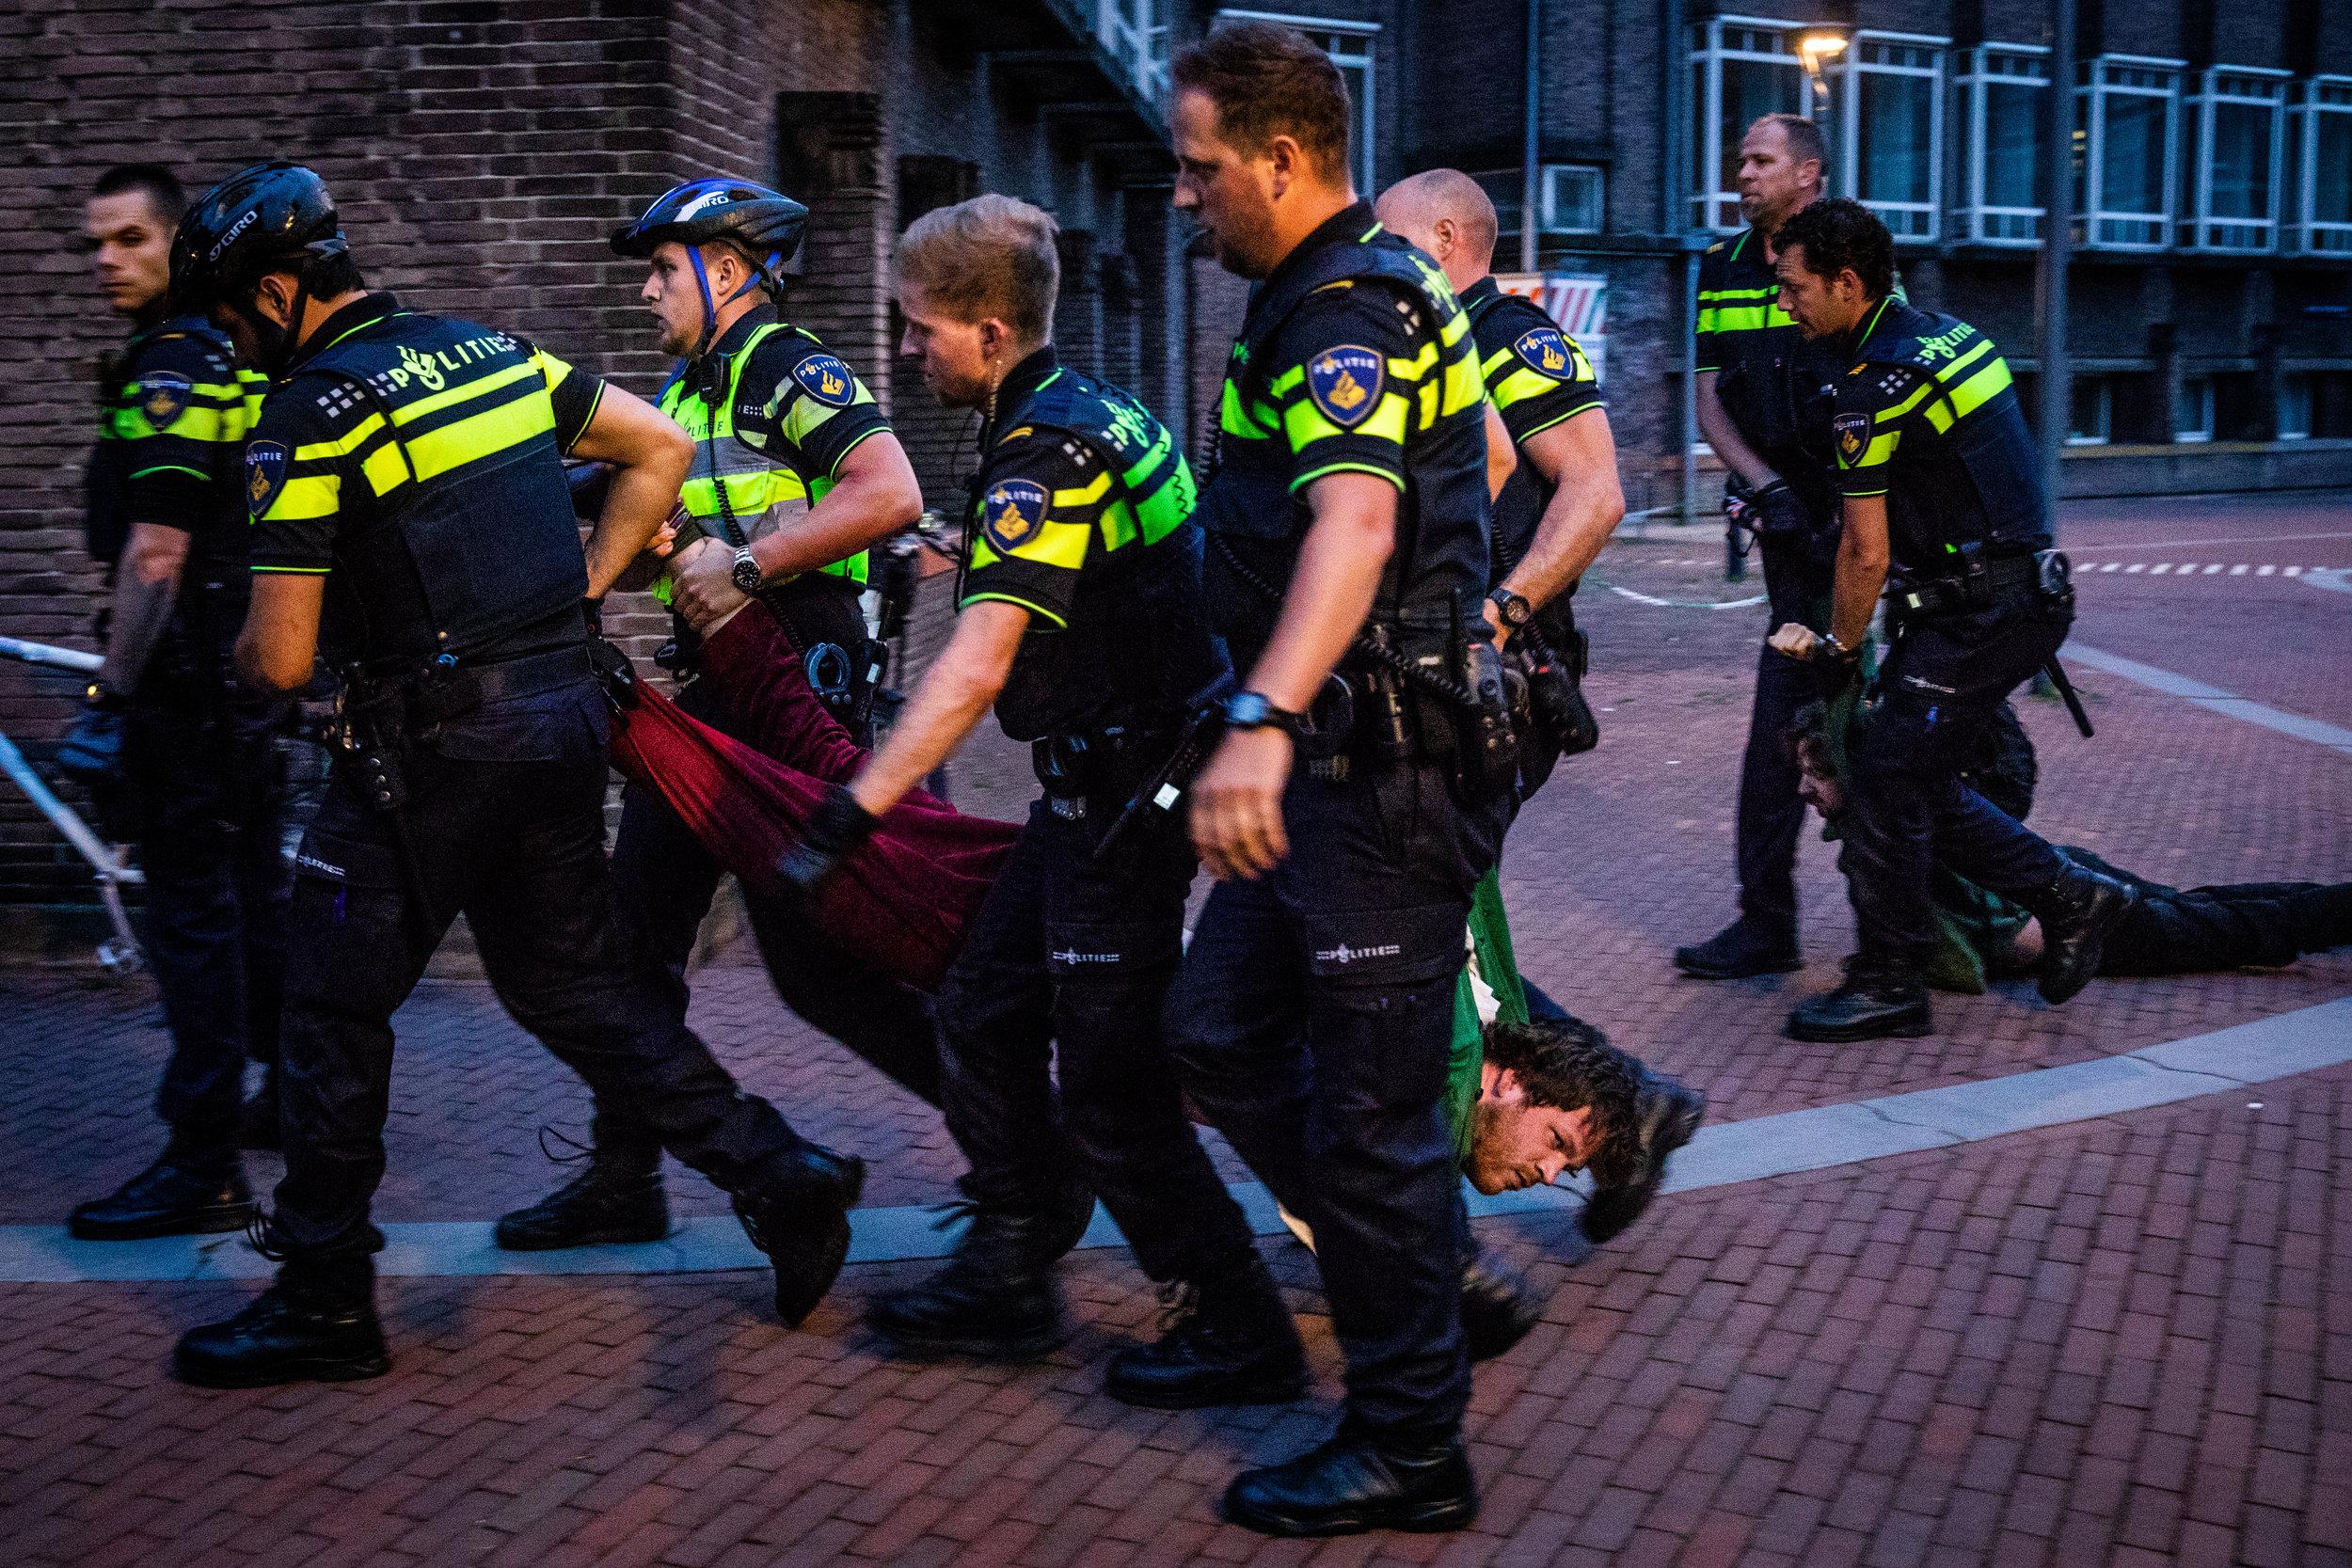 Politie grijpt in bij studentendemonstratie UvA